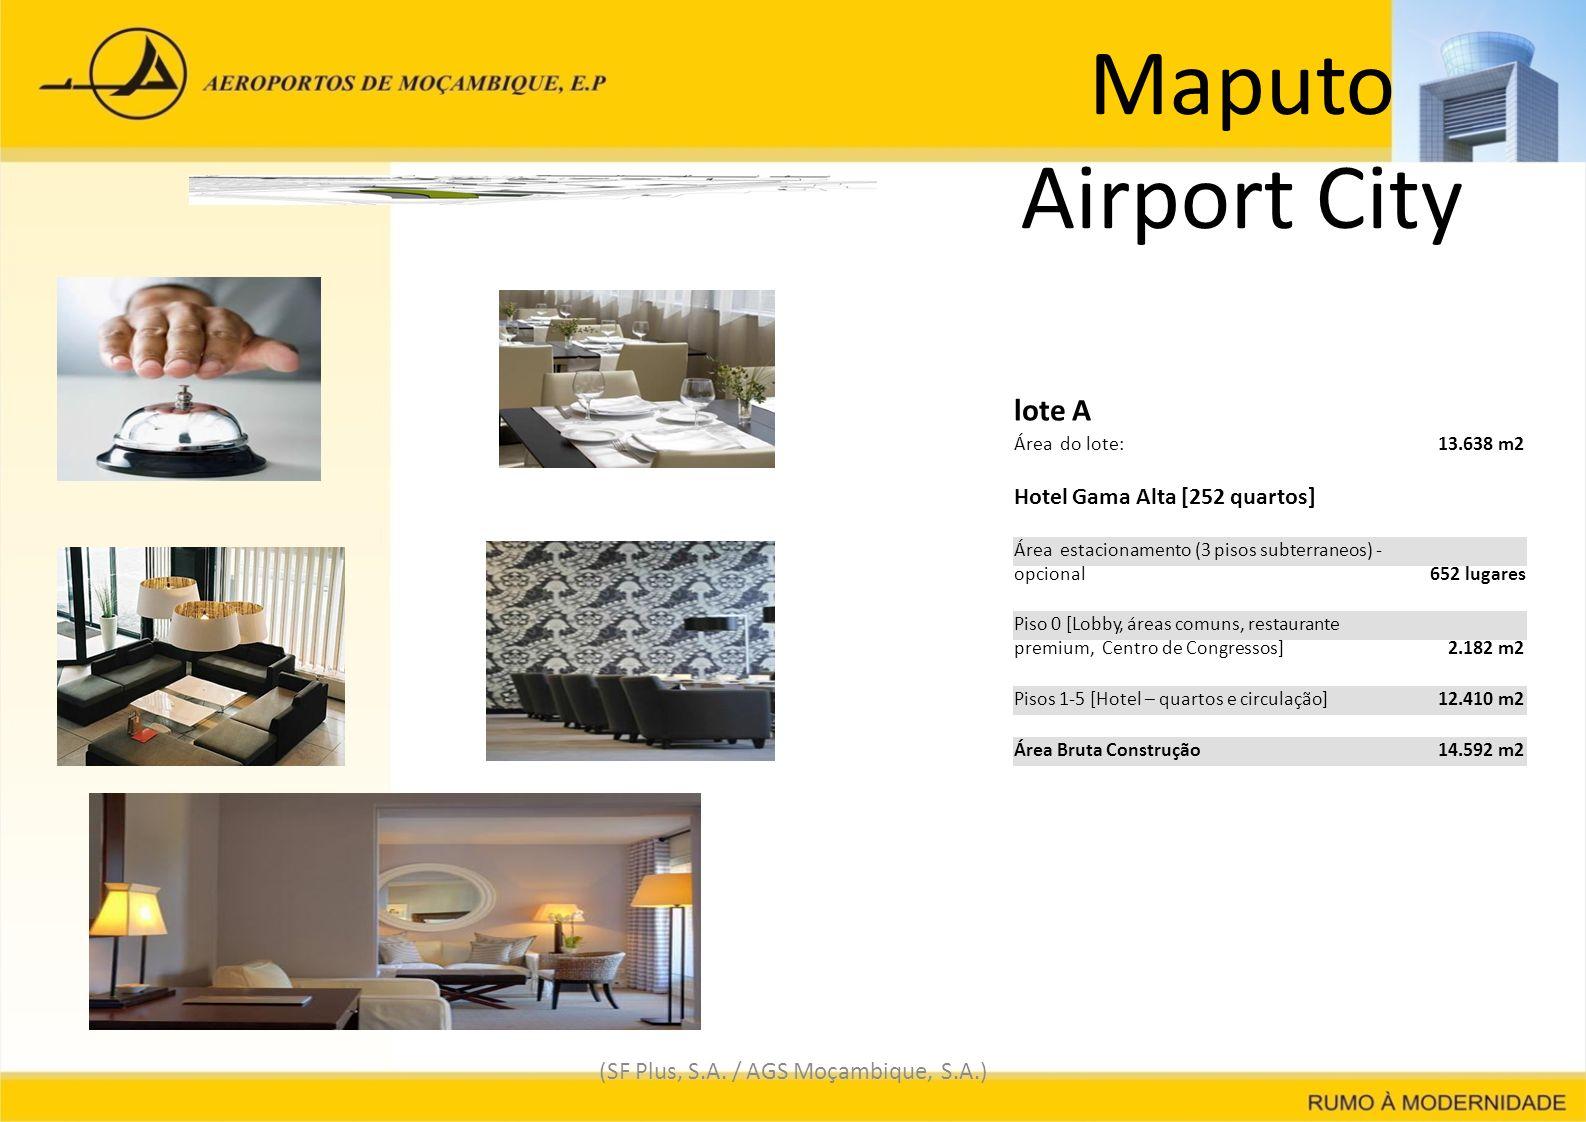 Maputo Airport City (SF Plus, S.A. / AGS Moçambique, S.A.) lote A Área do lote: 13.638 m2 Hotel Gama Alta [252 quartos] Área estacionamento (3 pisos s